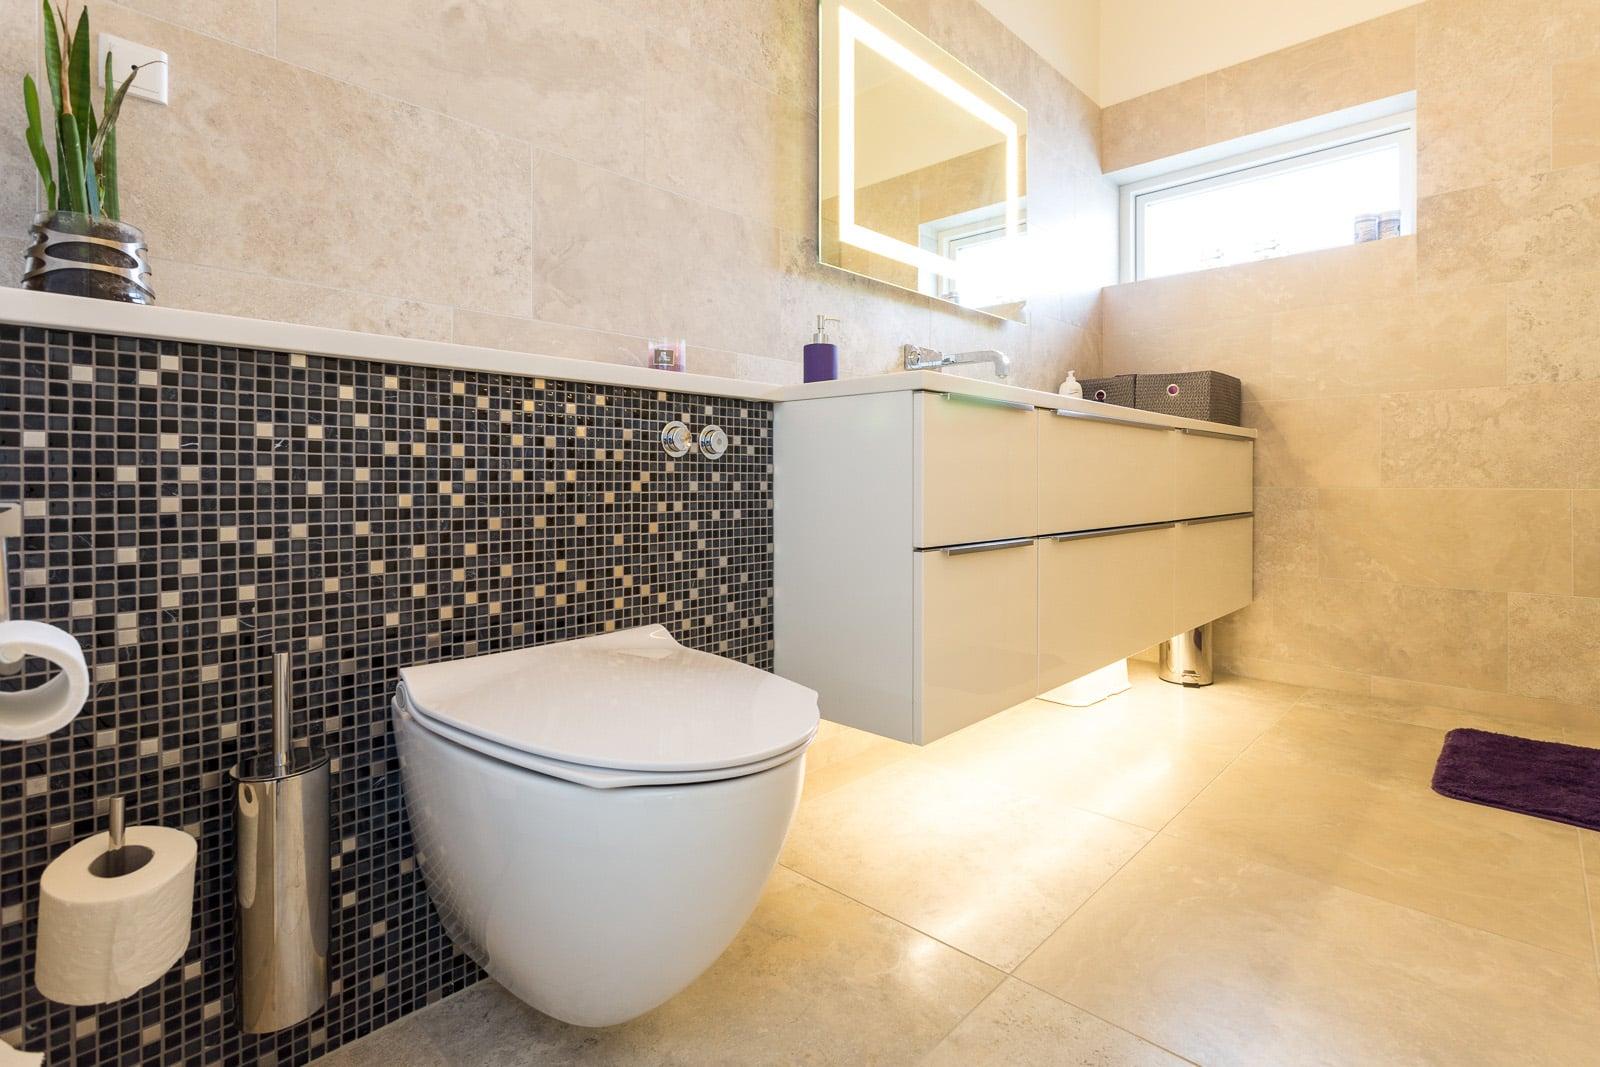 ny badeværelse Nyt badeværelse | Luksus eller standard | Køge og omegn ny badeværelse